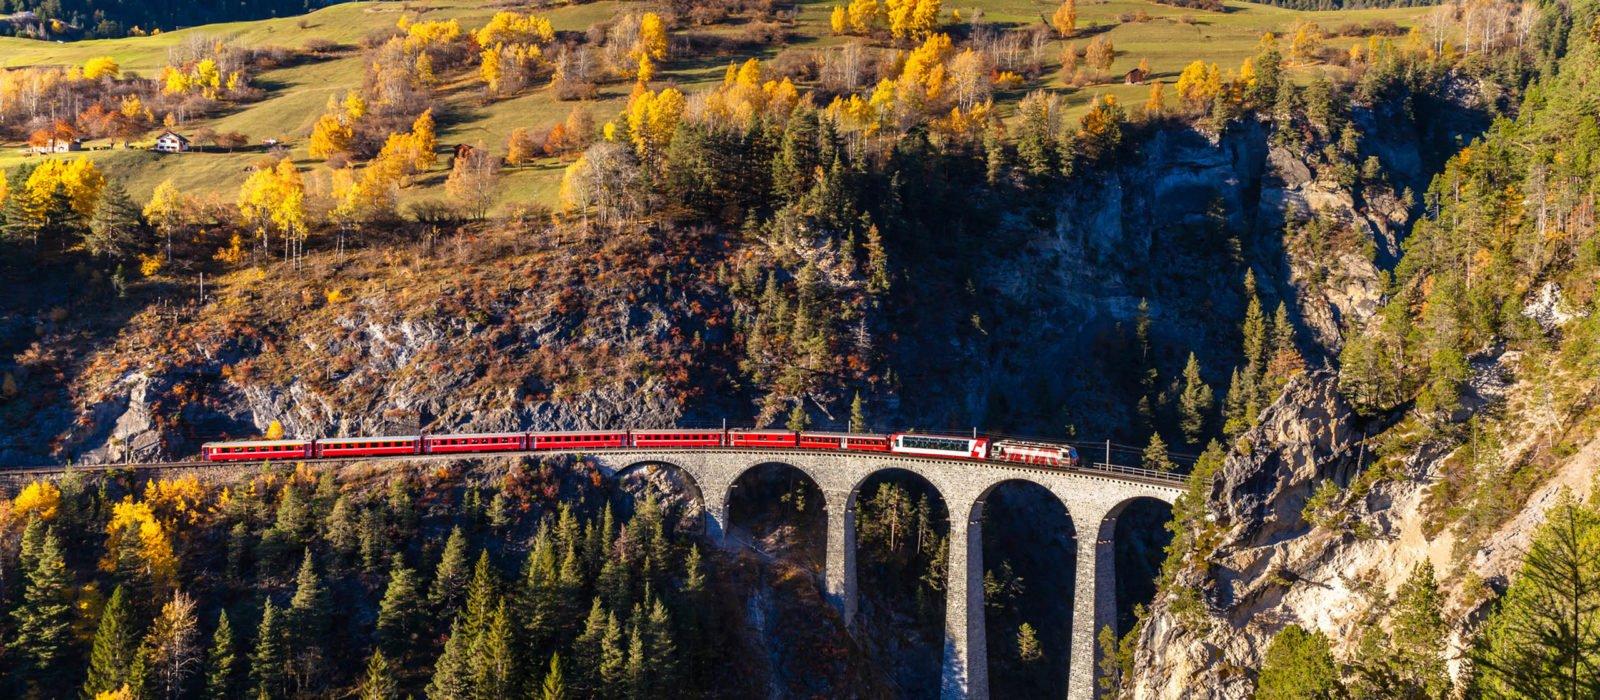 landvasser-viaduct-switzerland